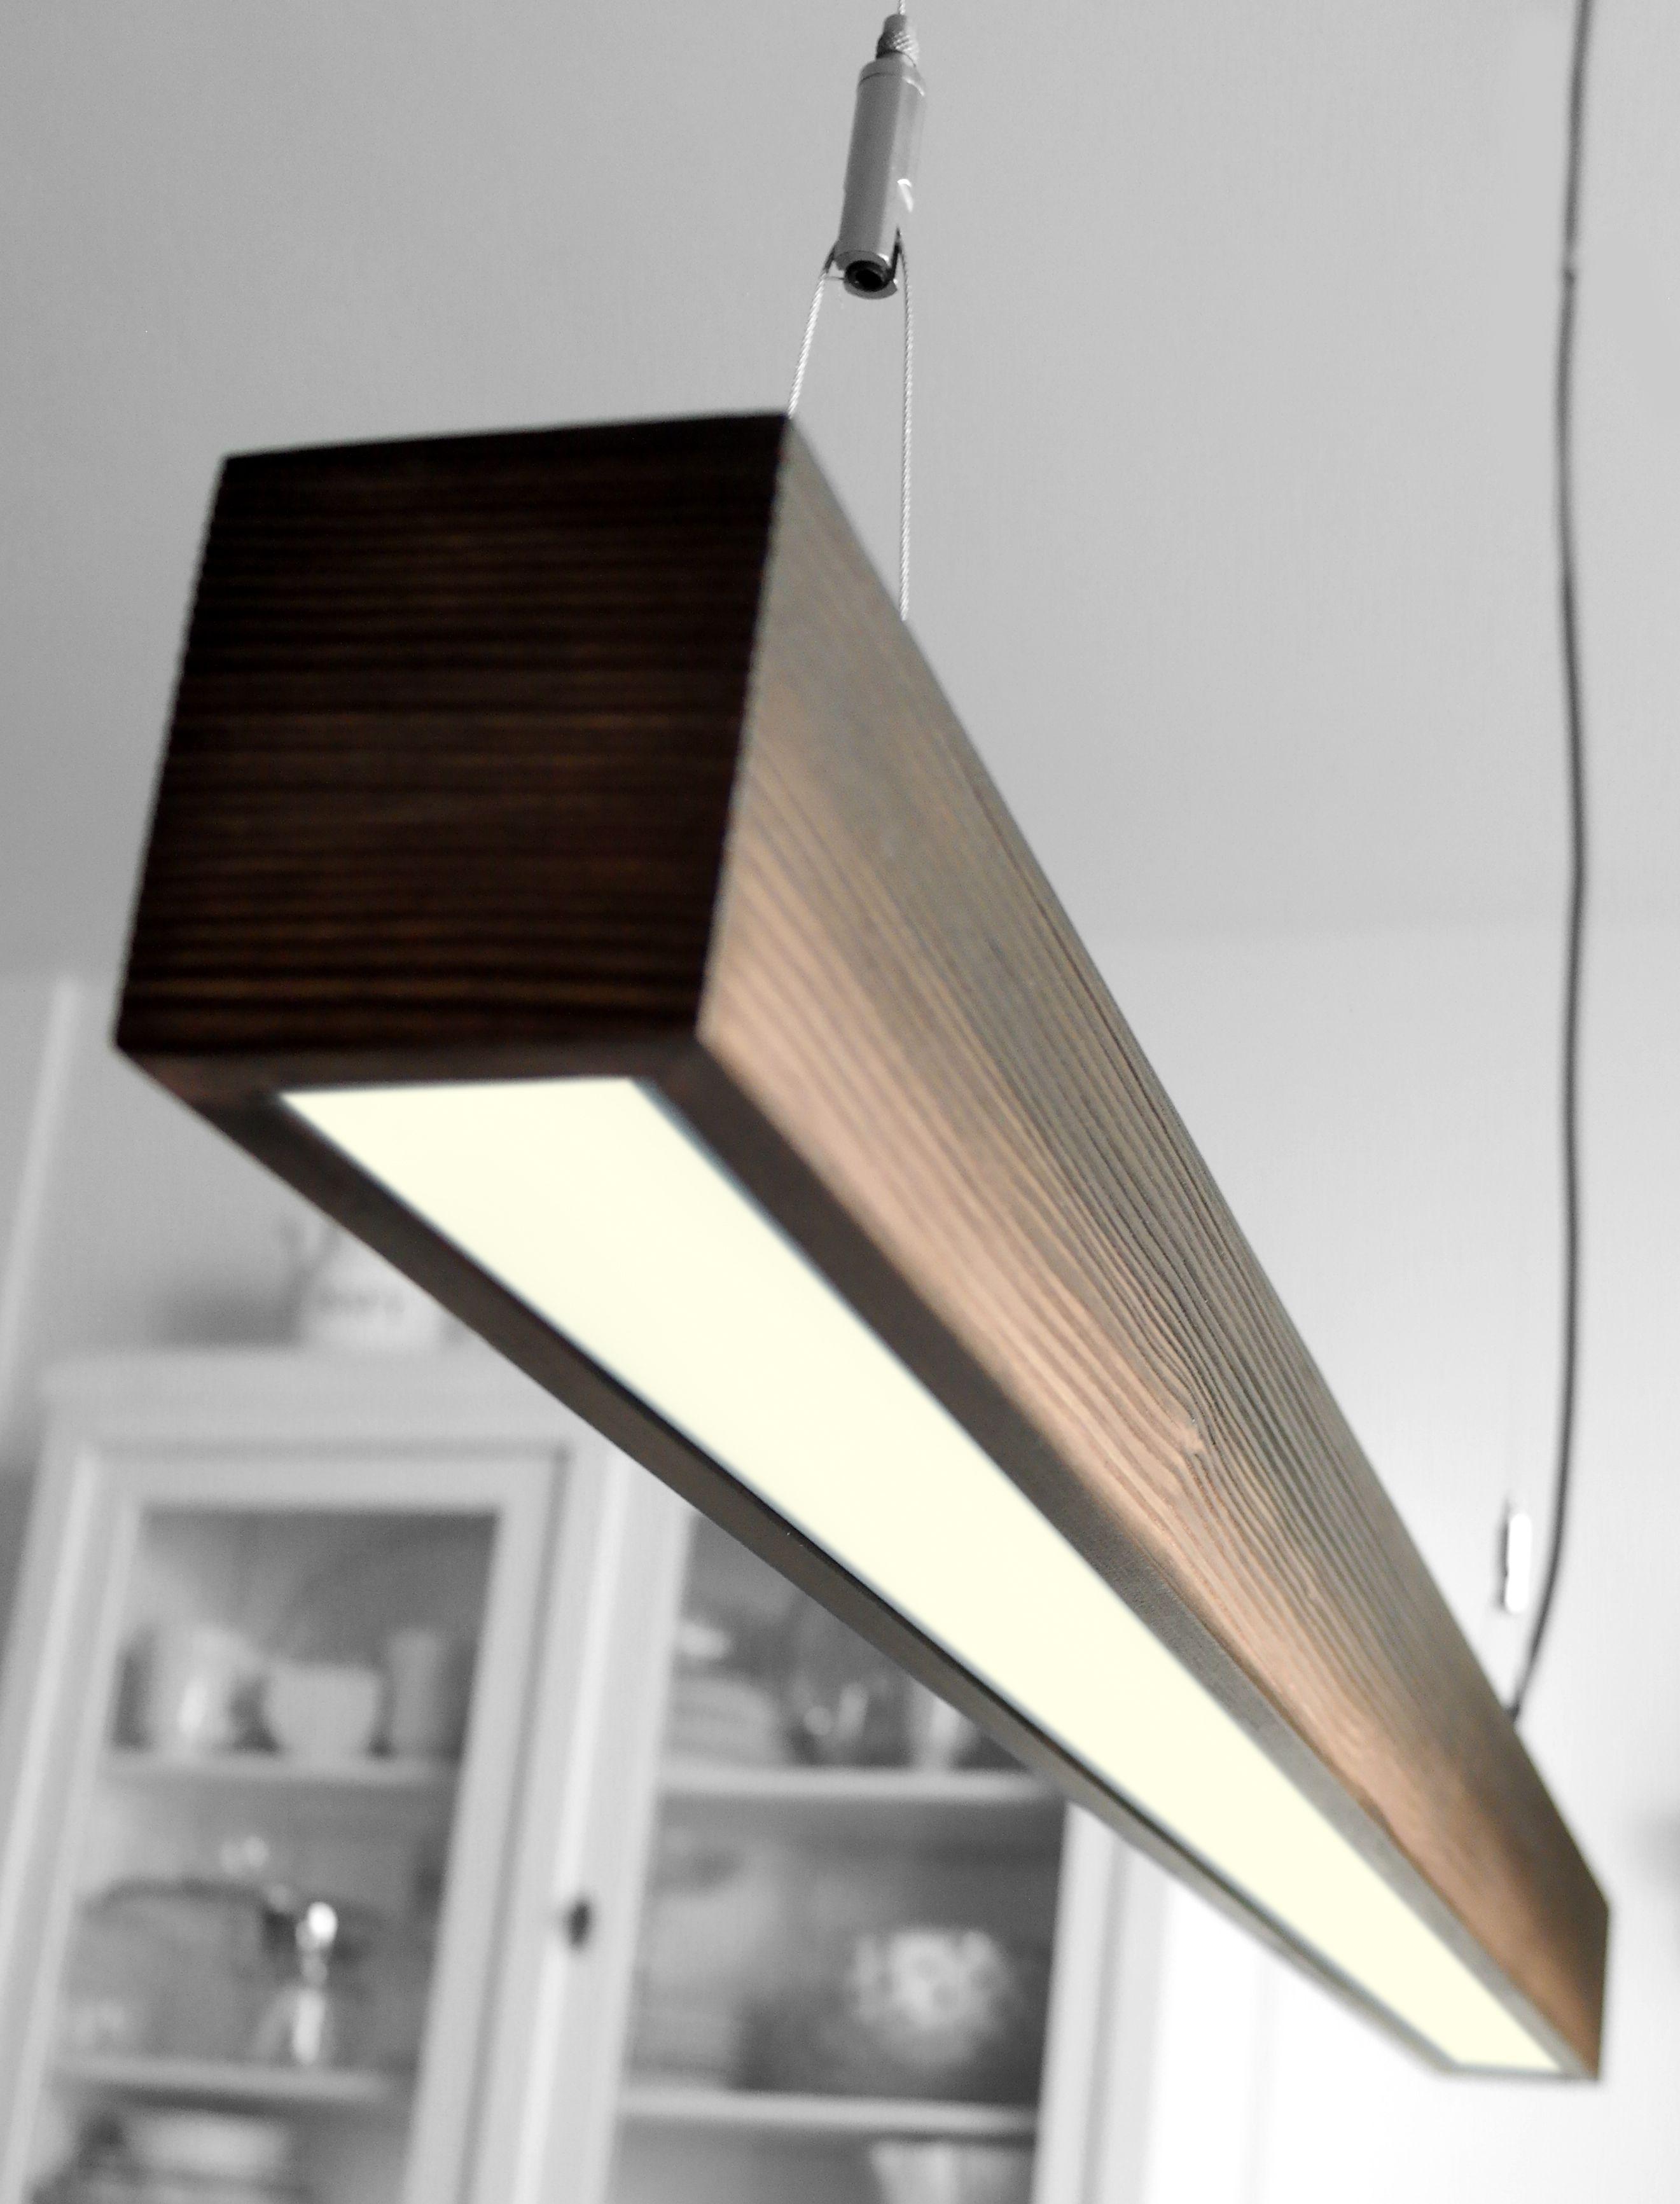 pendelleuchte aus massivem holz design the rough led pendant light made of. Black Bedroom Furniture Sets. Home Design Ideas